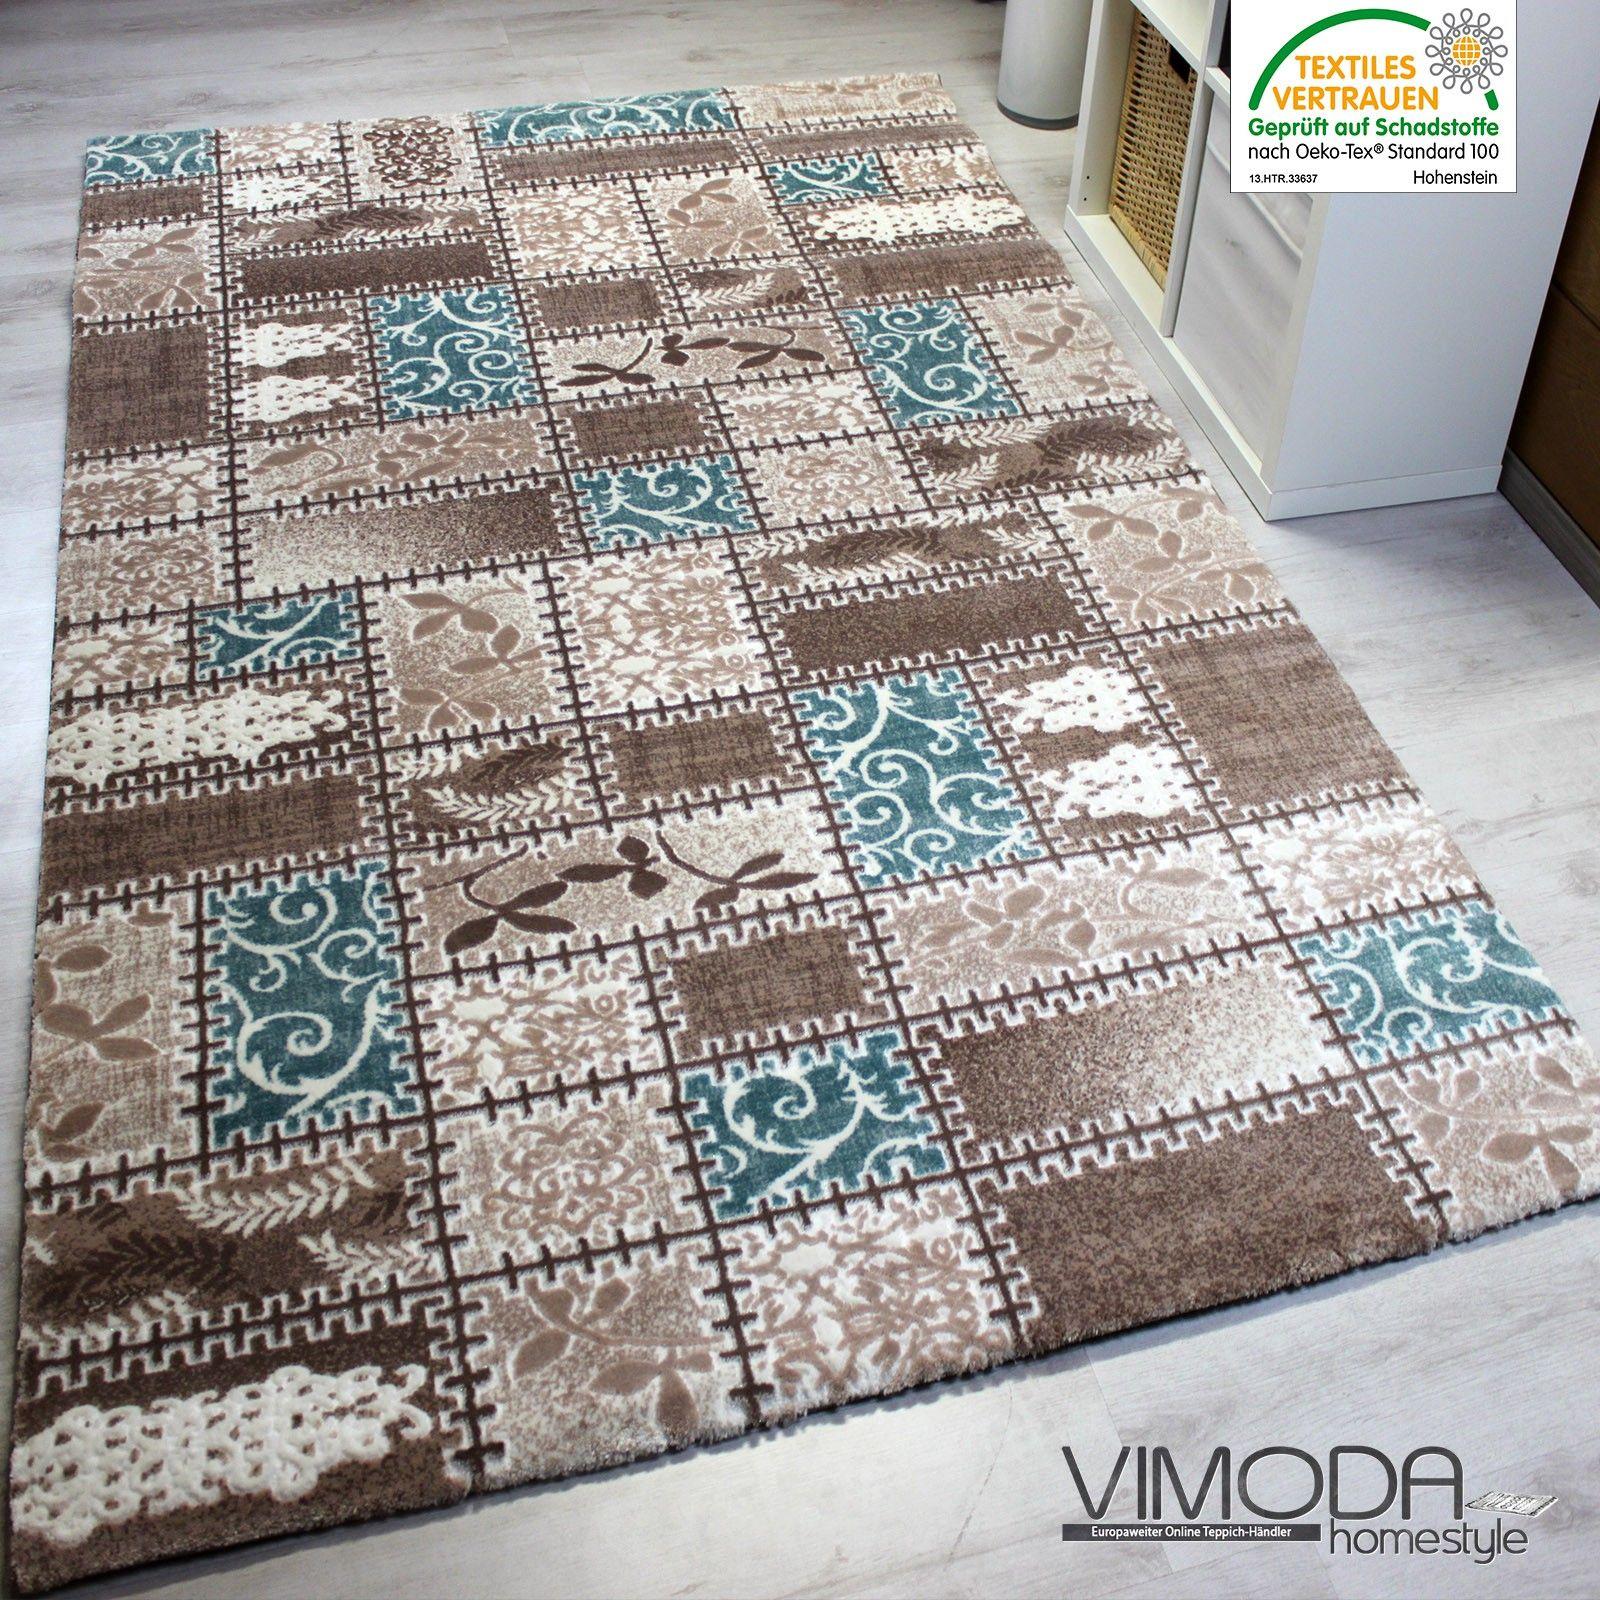 VIMODA - 160x230 - 122 euro Moderner Teppich sehr Edel, mit 3D ...